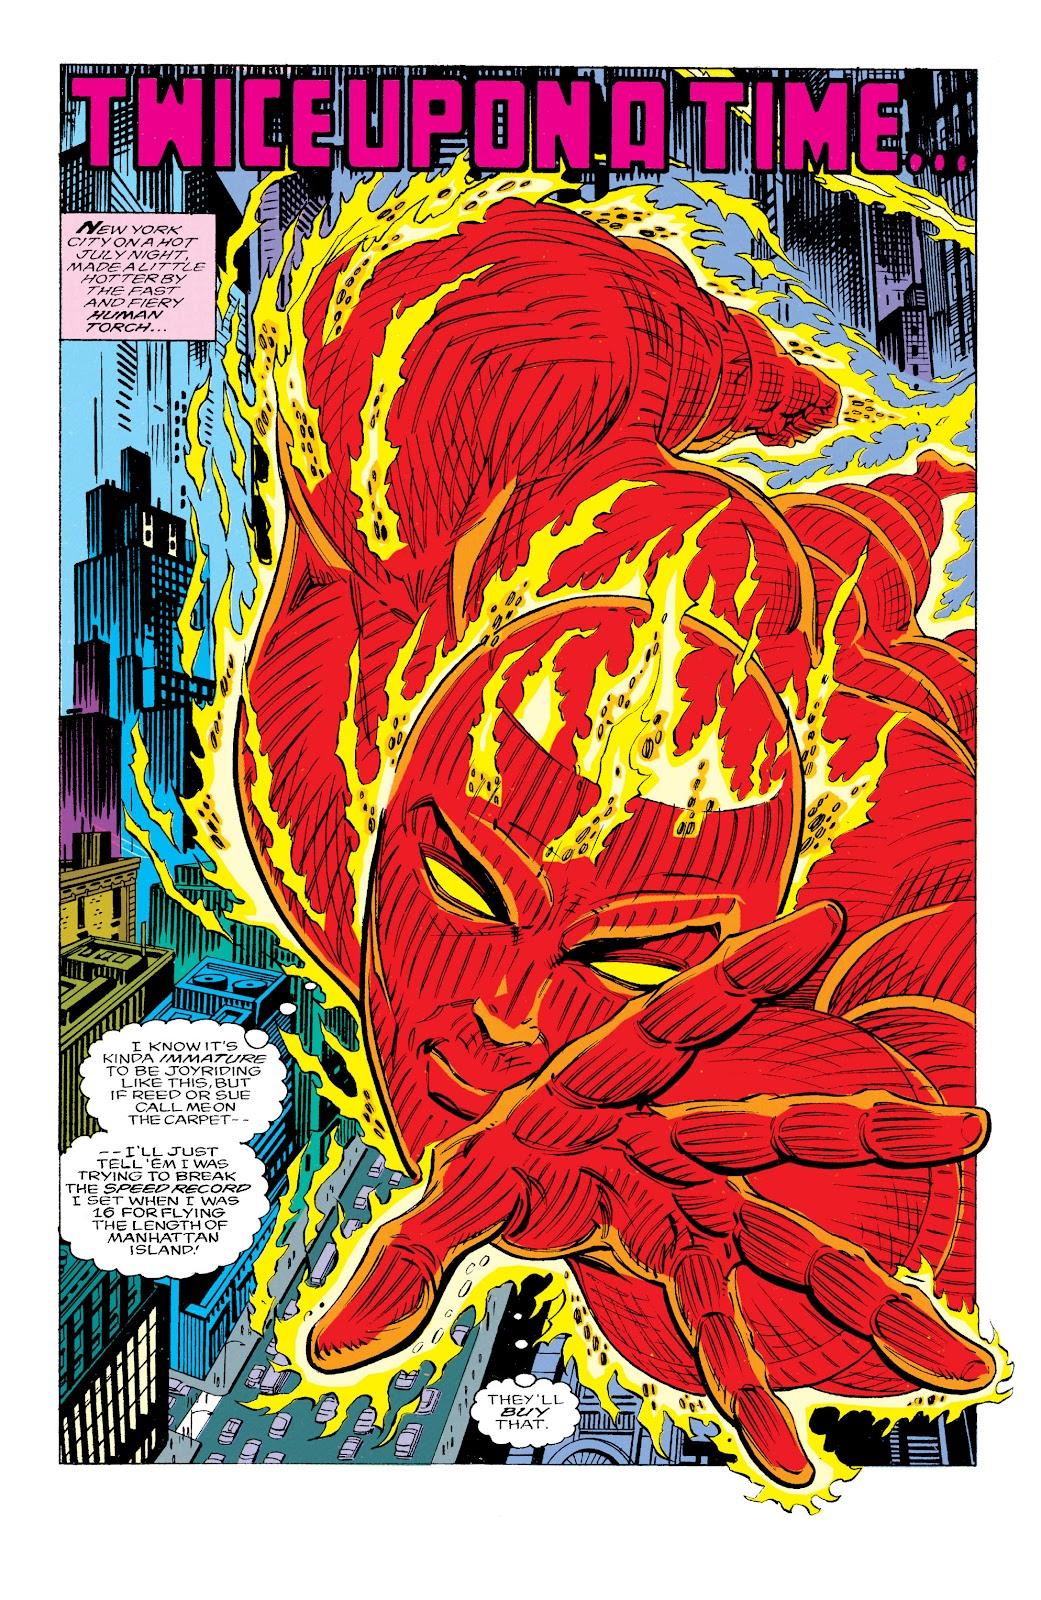 Read online Avengers: Citizen Kang comic -  Issue # TPB (Part 2) - 16